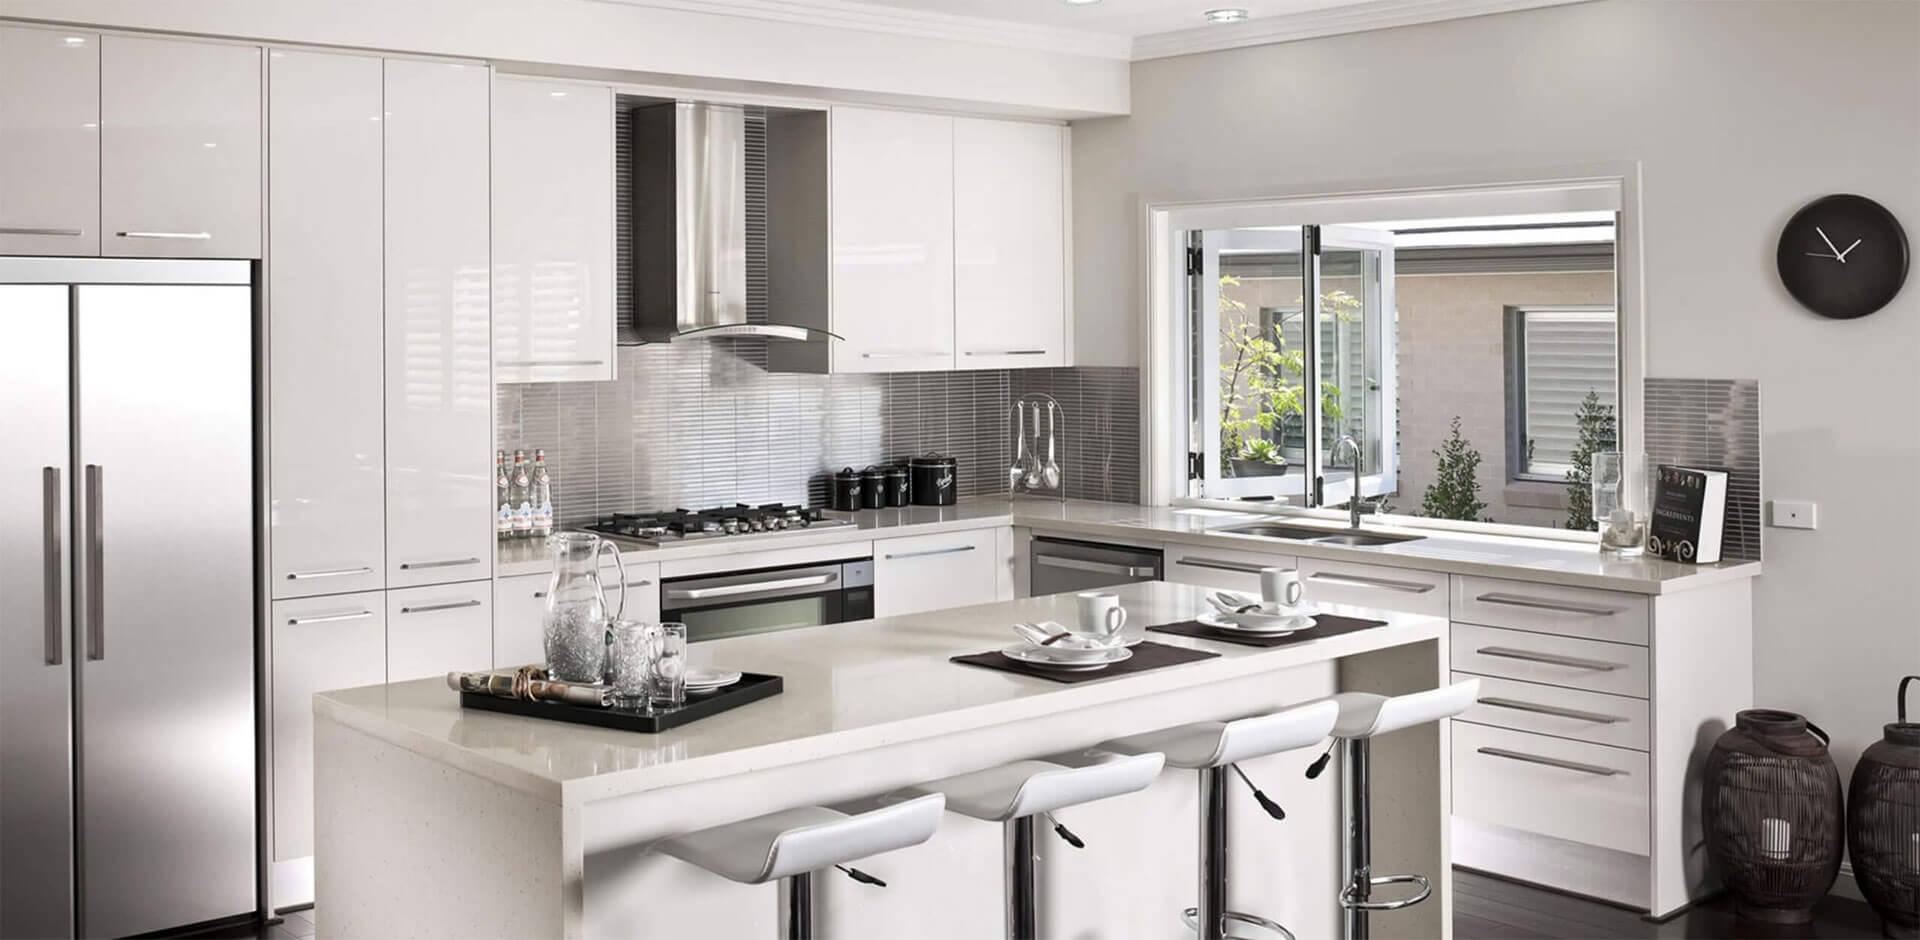 Kitchen Renovation Promotion